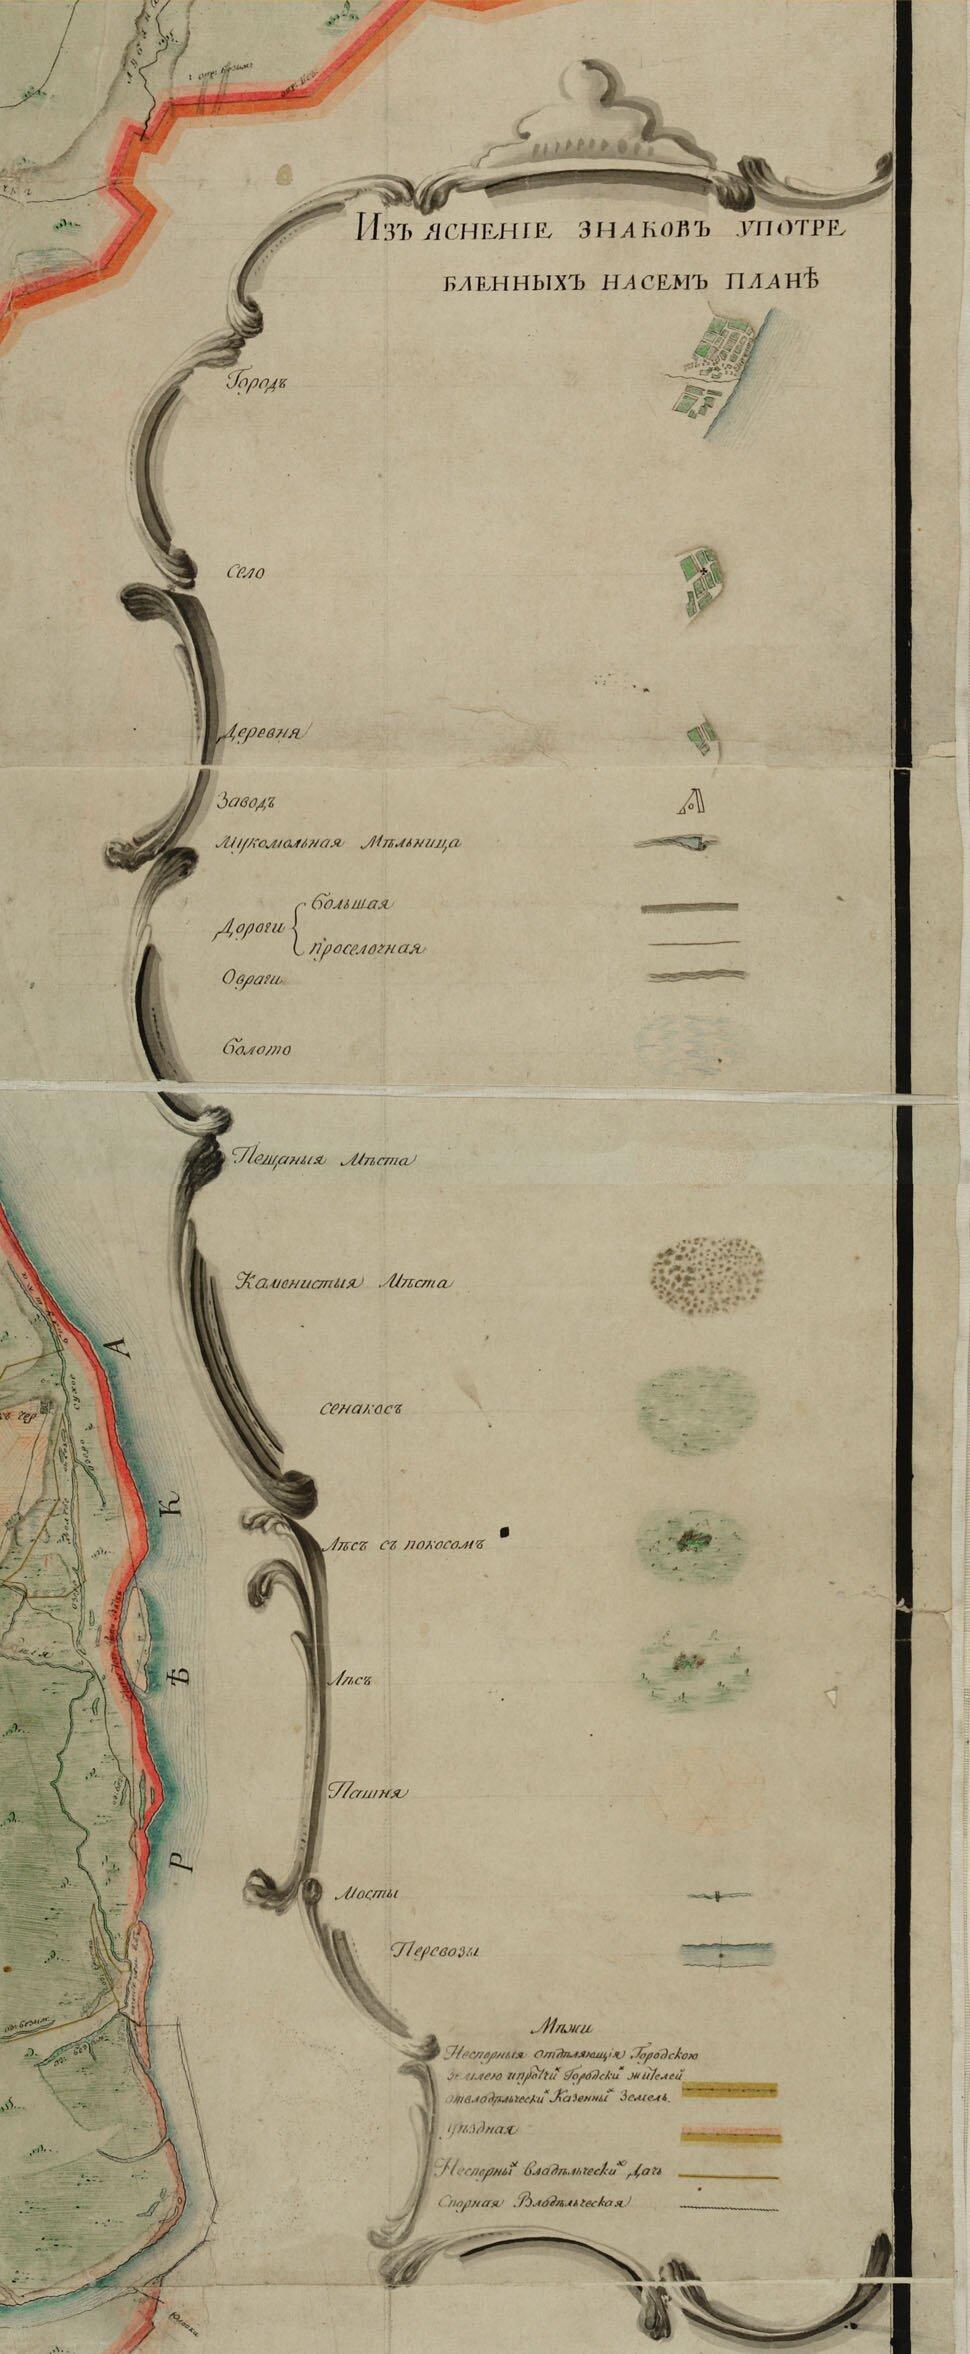 Условные Обозначения На Картах Стрельбицкого